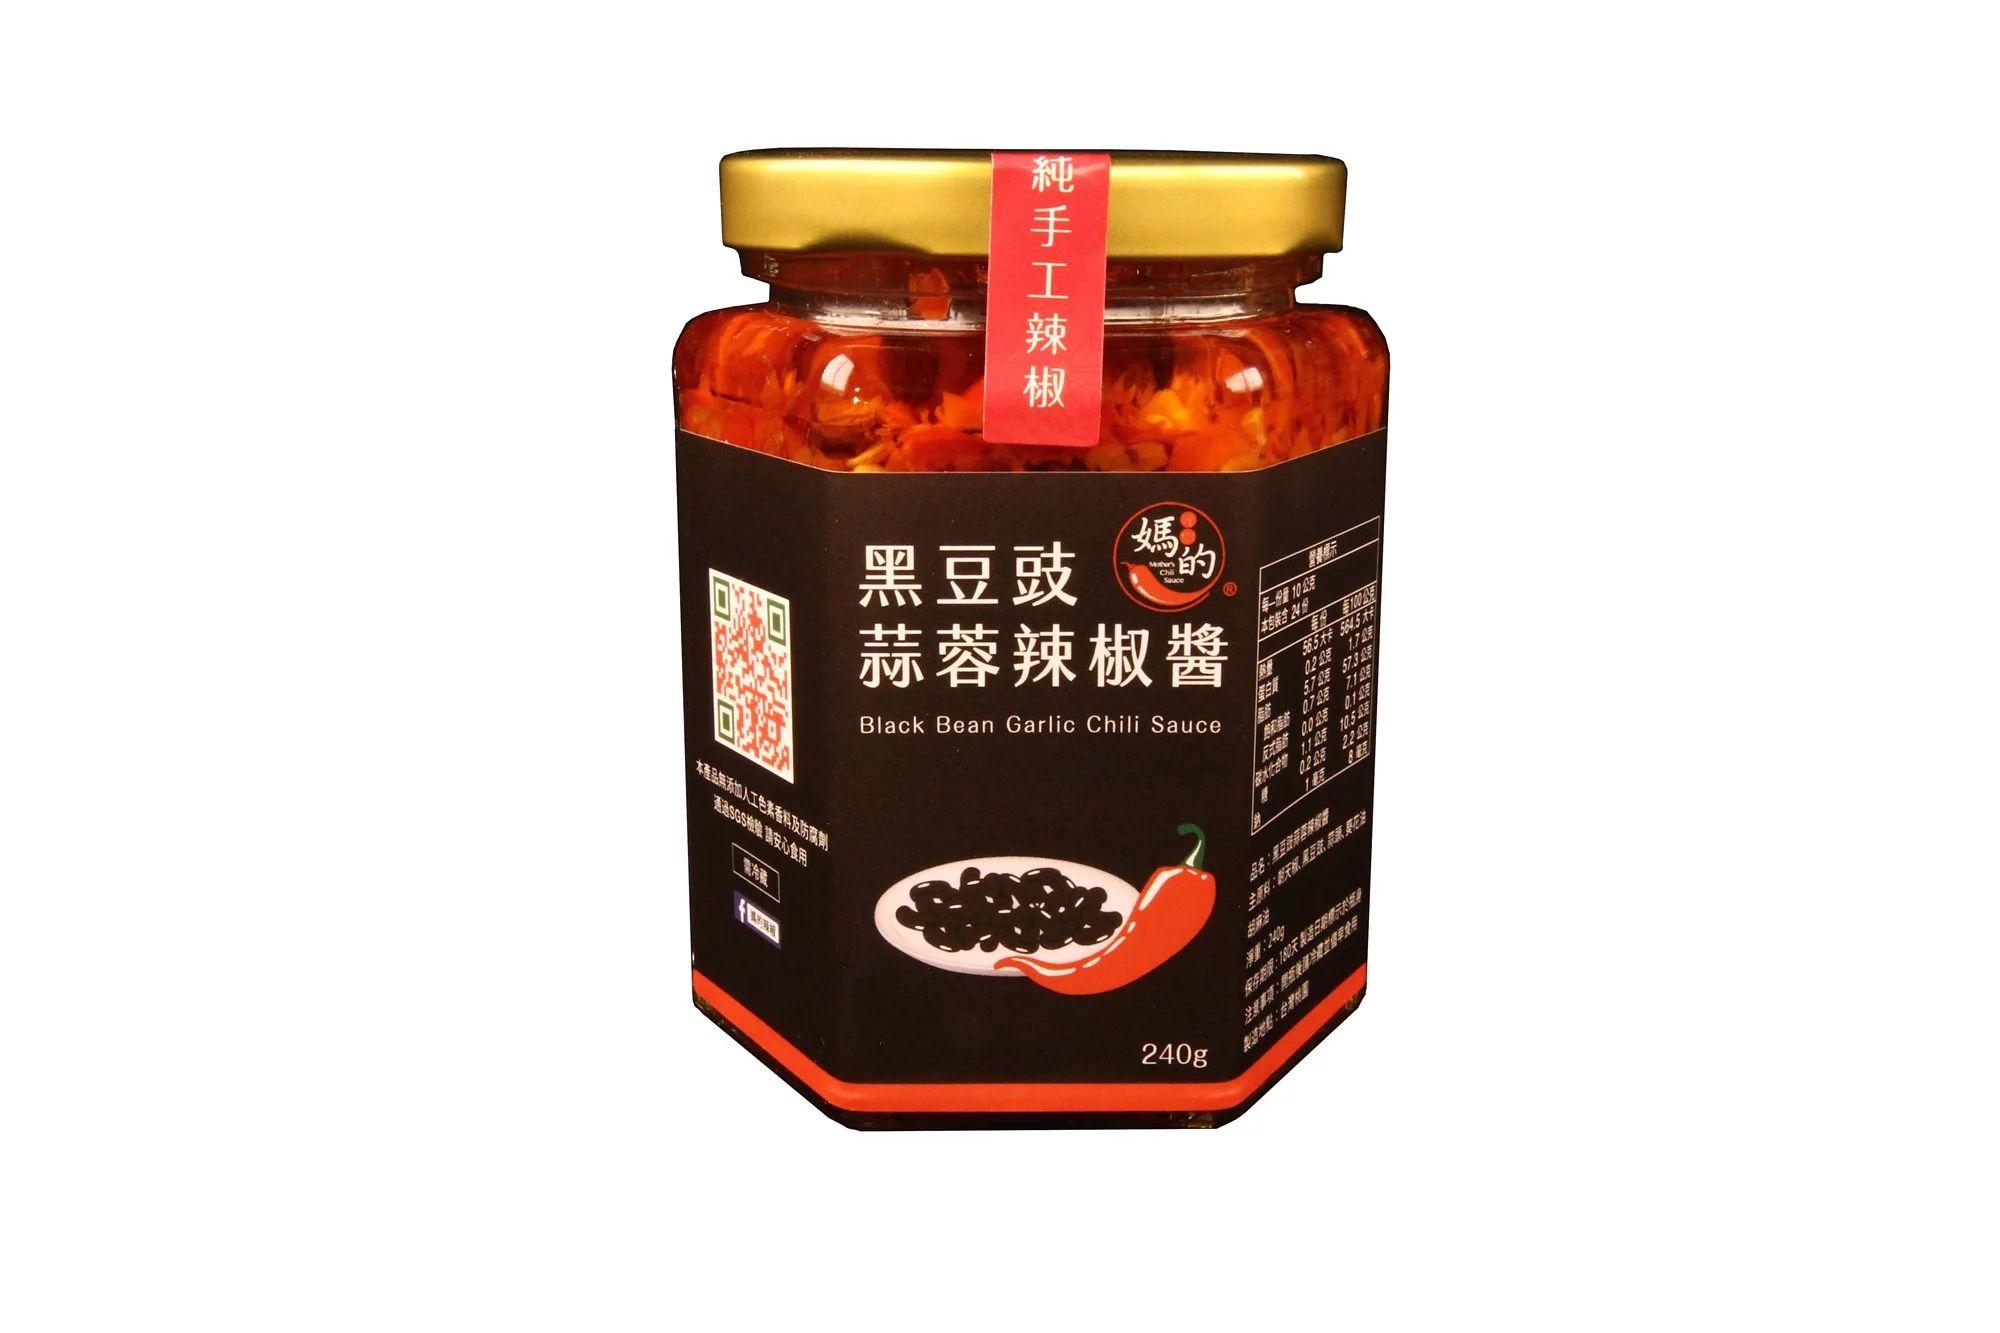 黑豆豉蒜蓉辣椒醬  240g